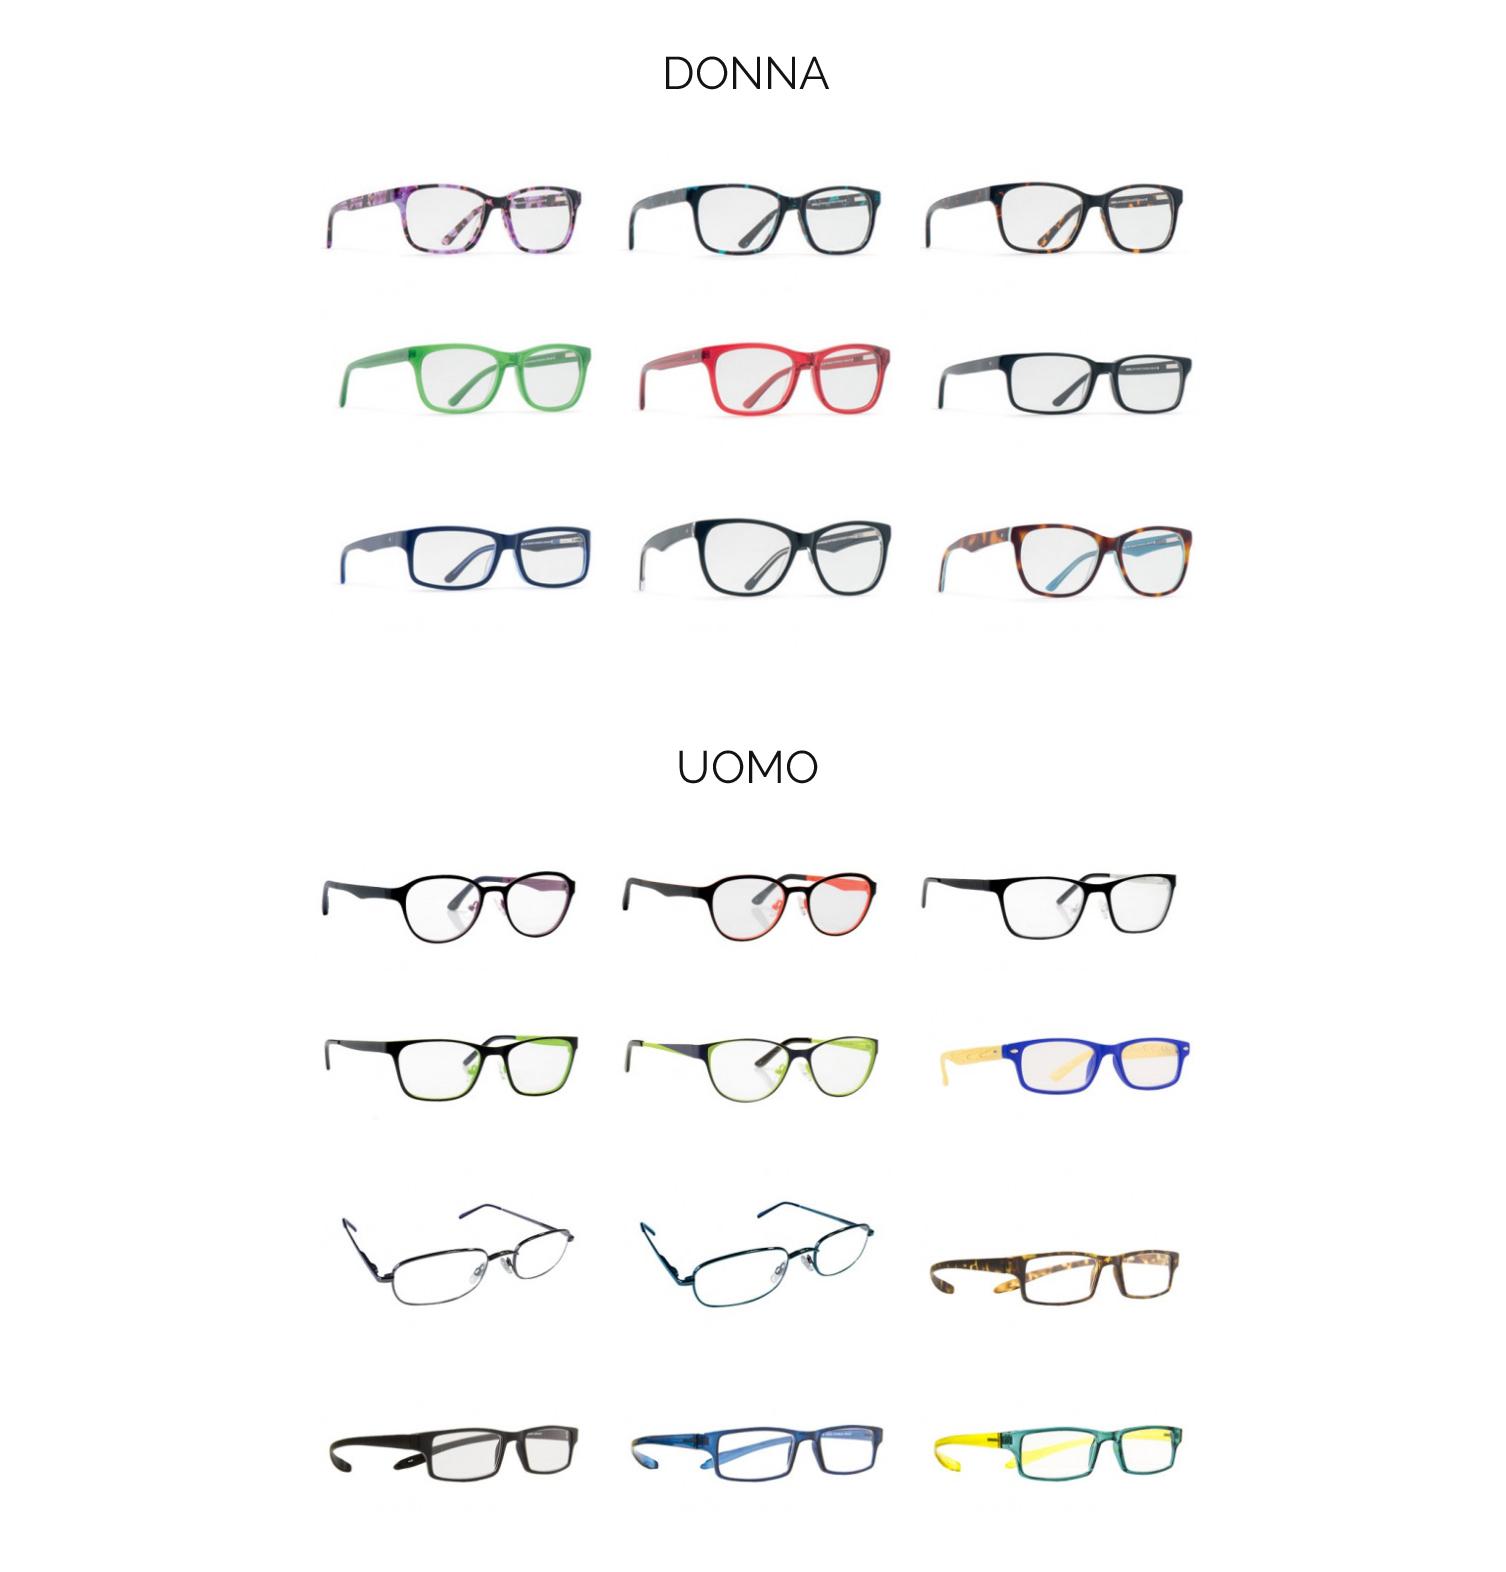 invu-occhiali-da-vista-uomo-donna